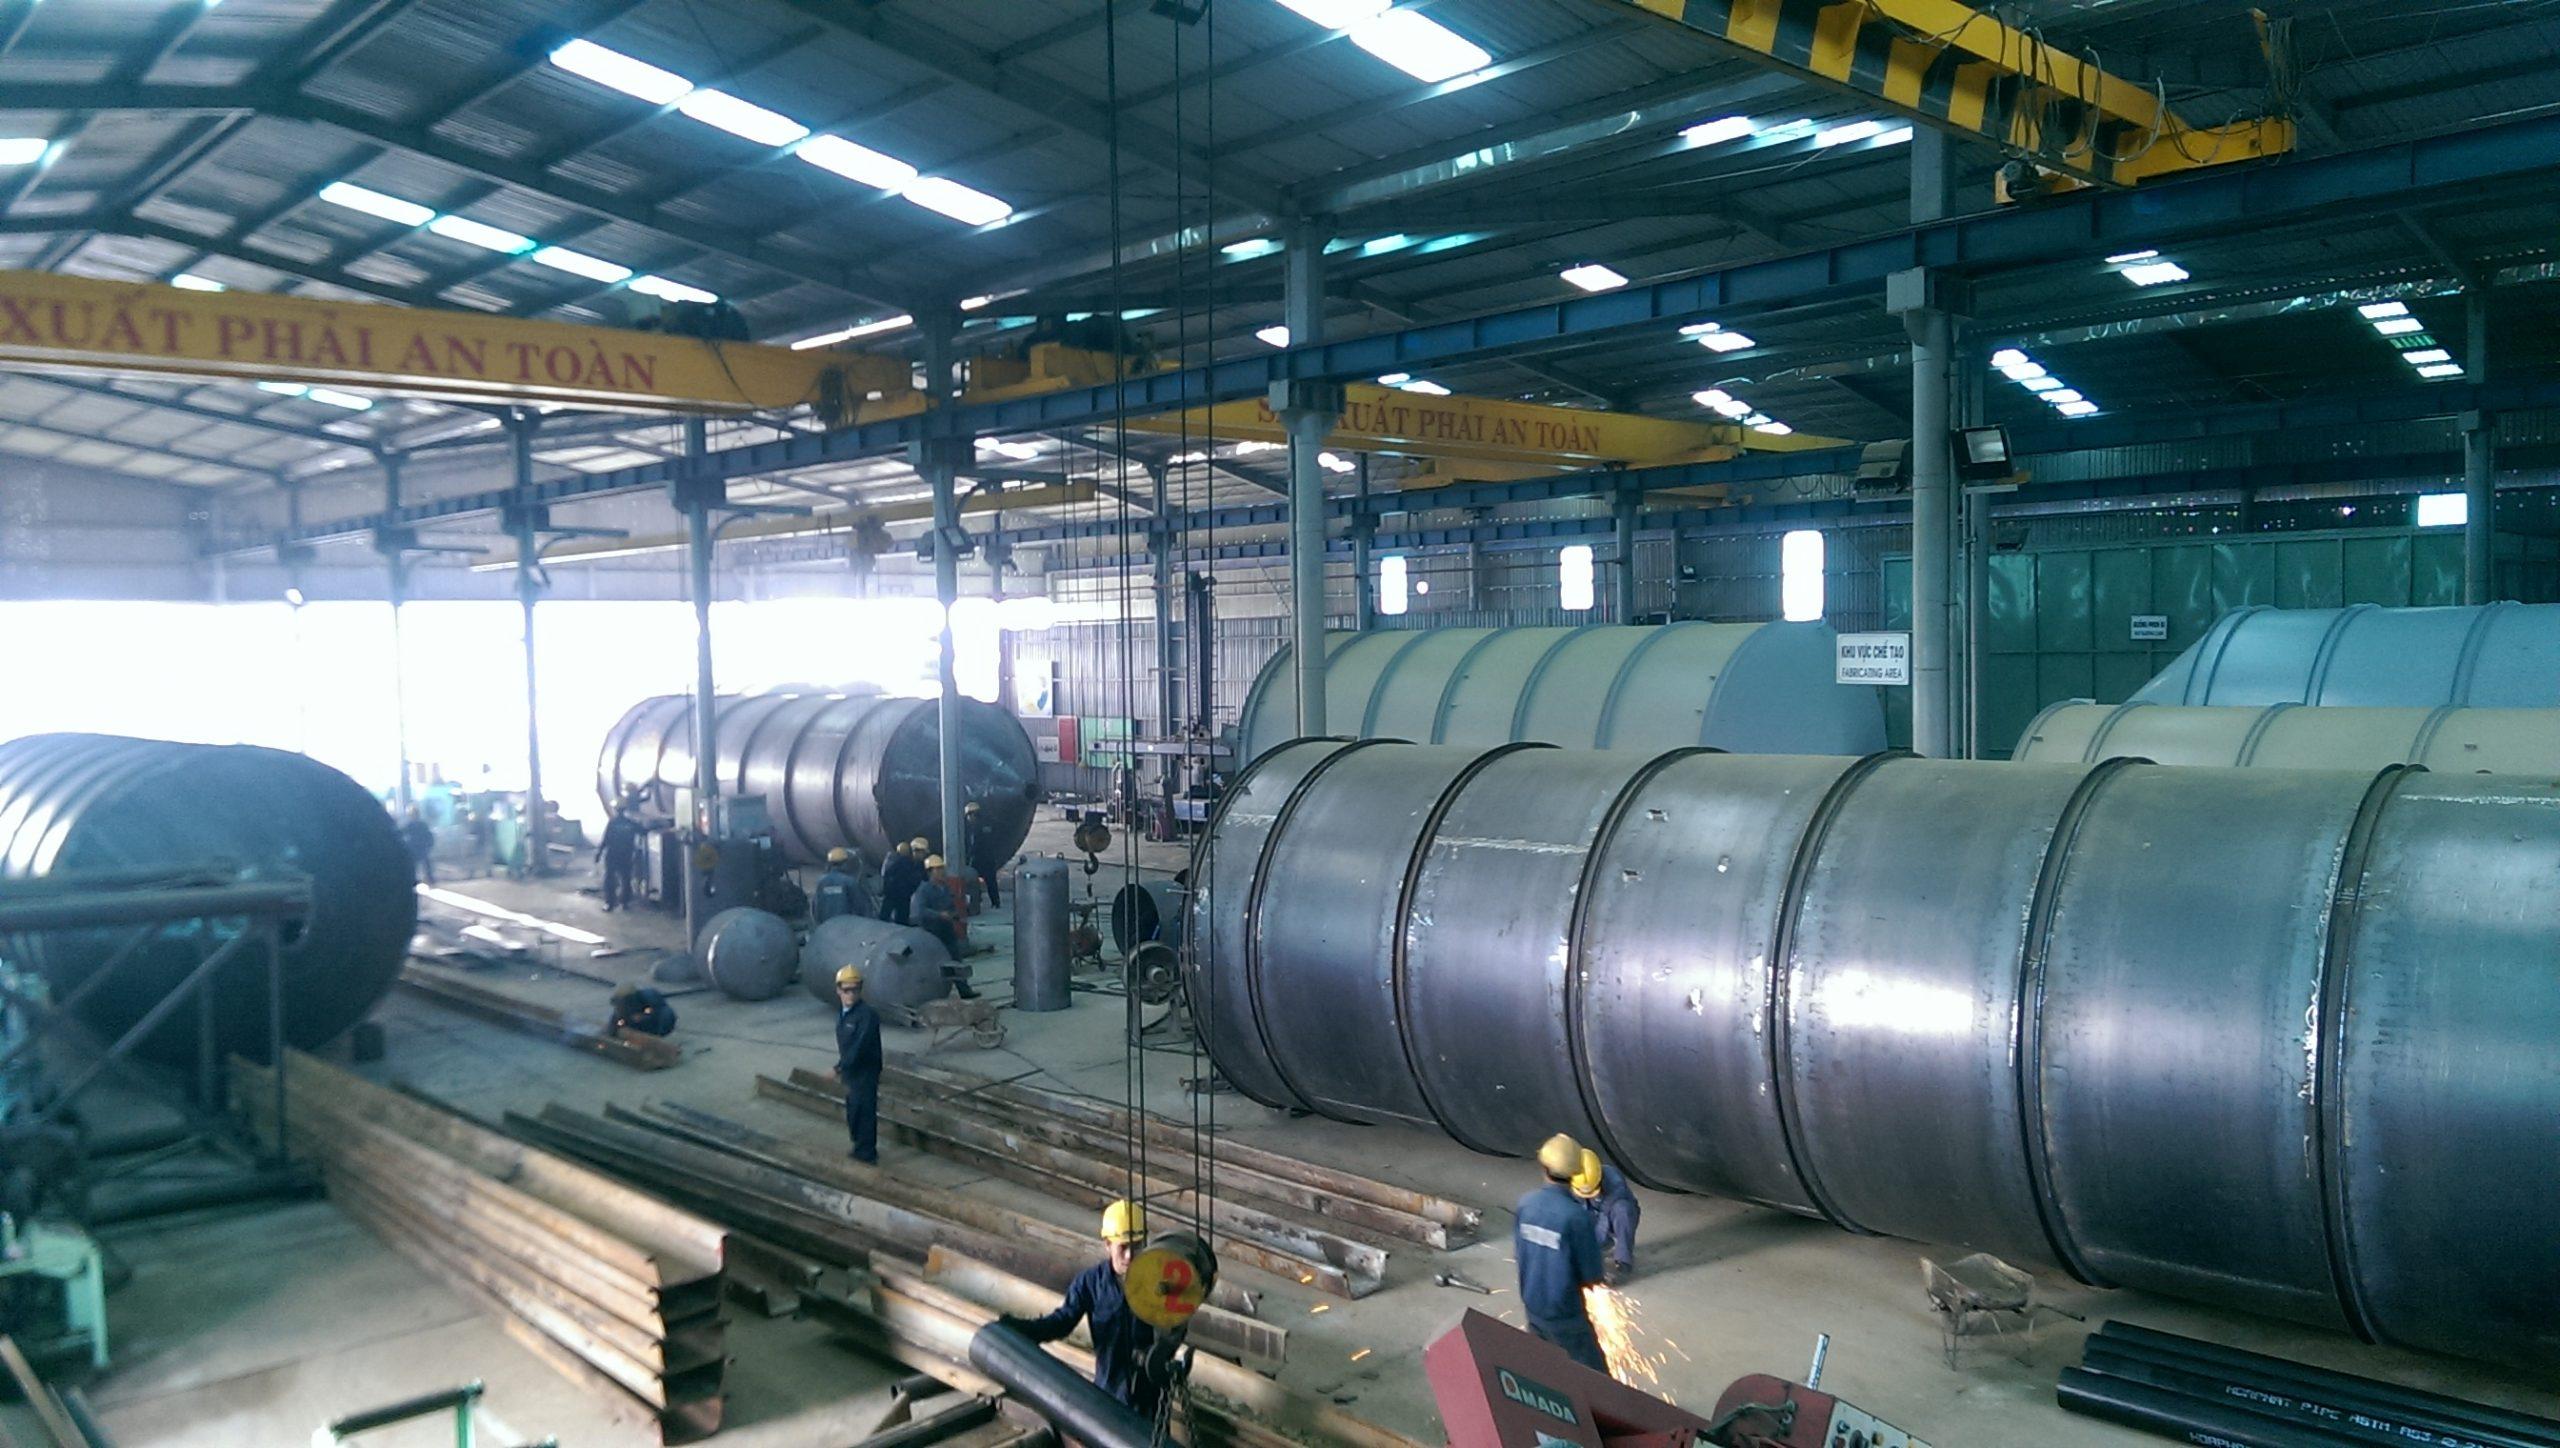 Chế tạo & lắp đặt Silô chứa xi măng 230 Tấn